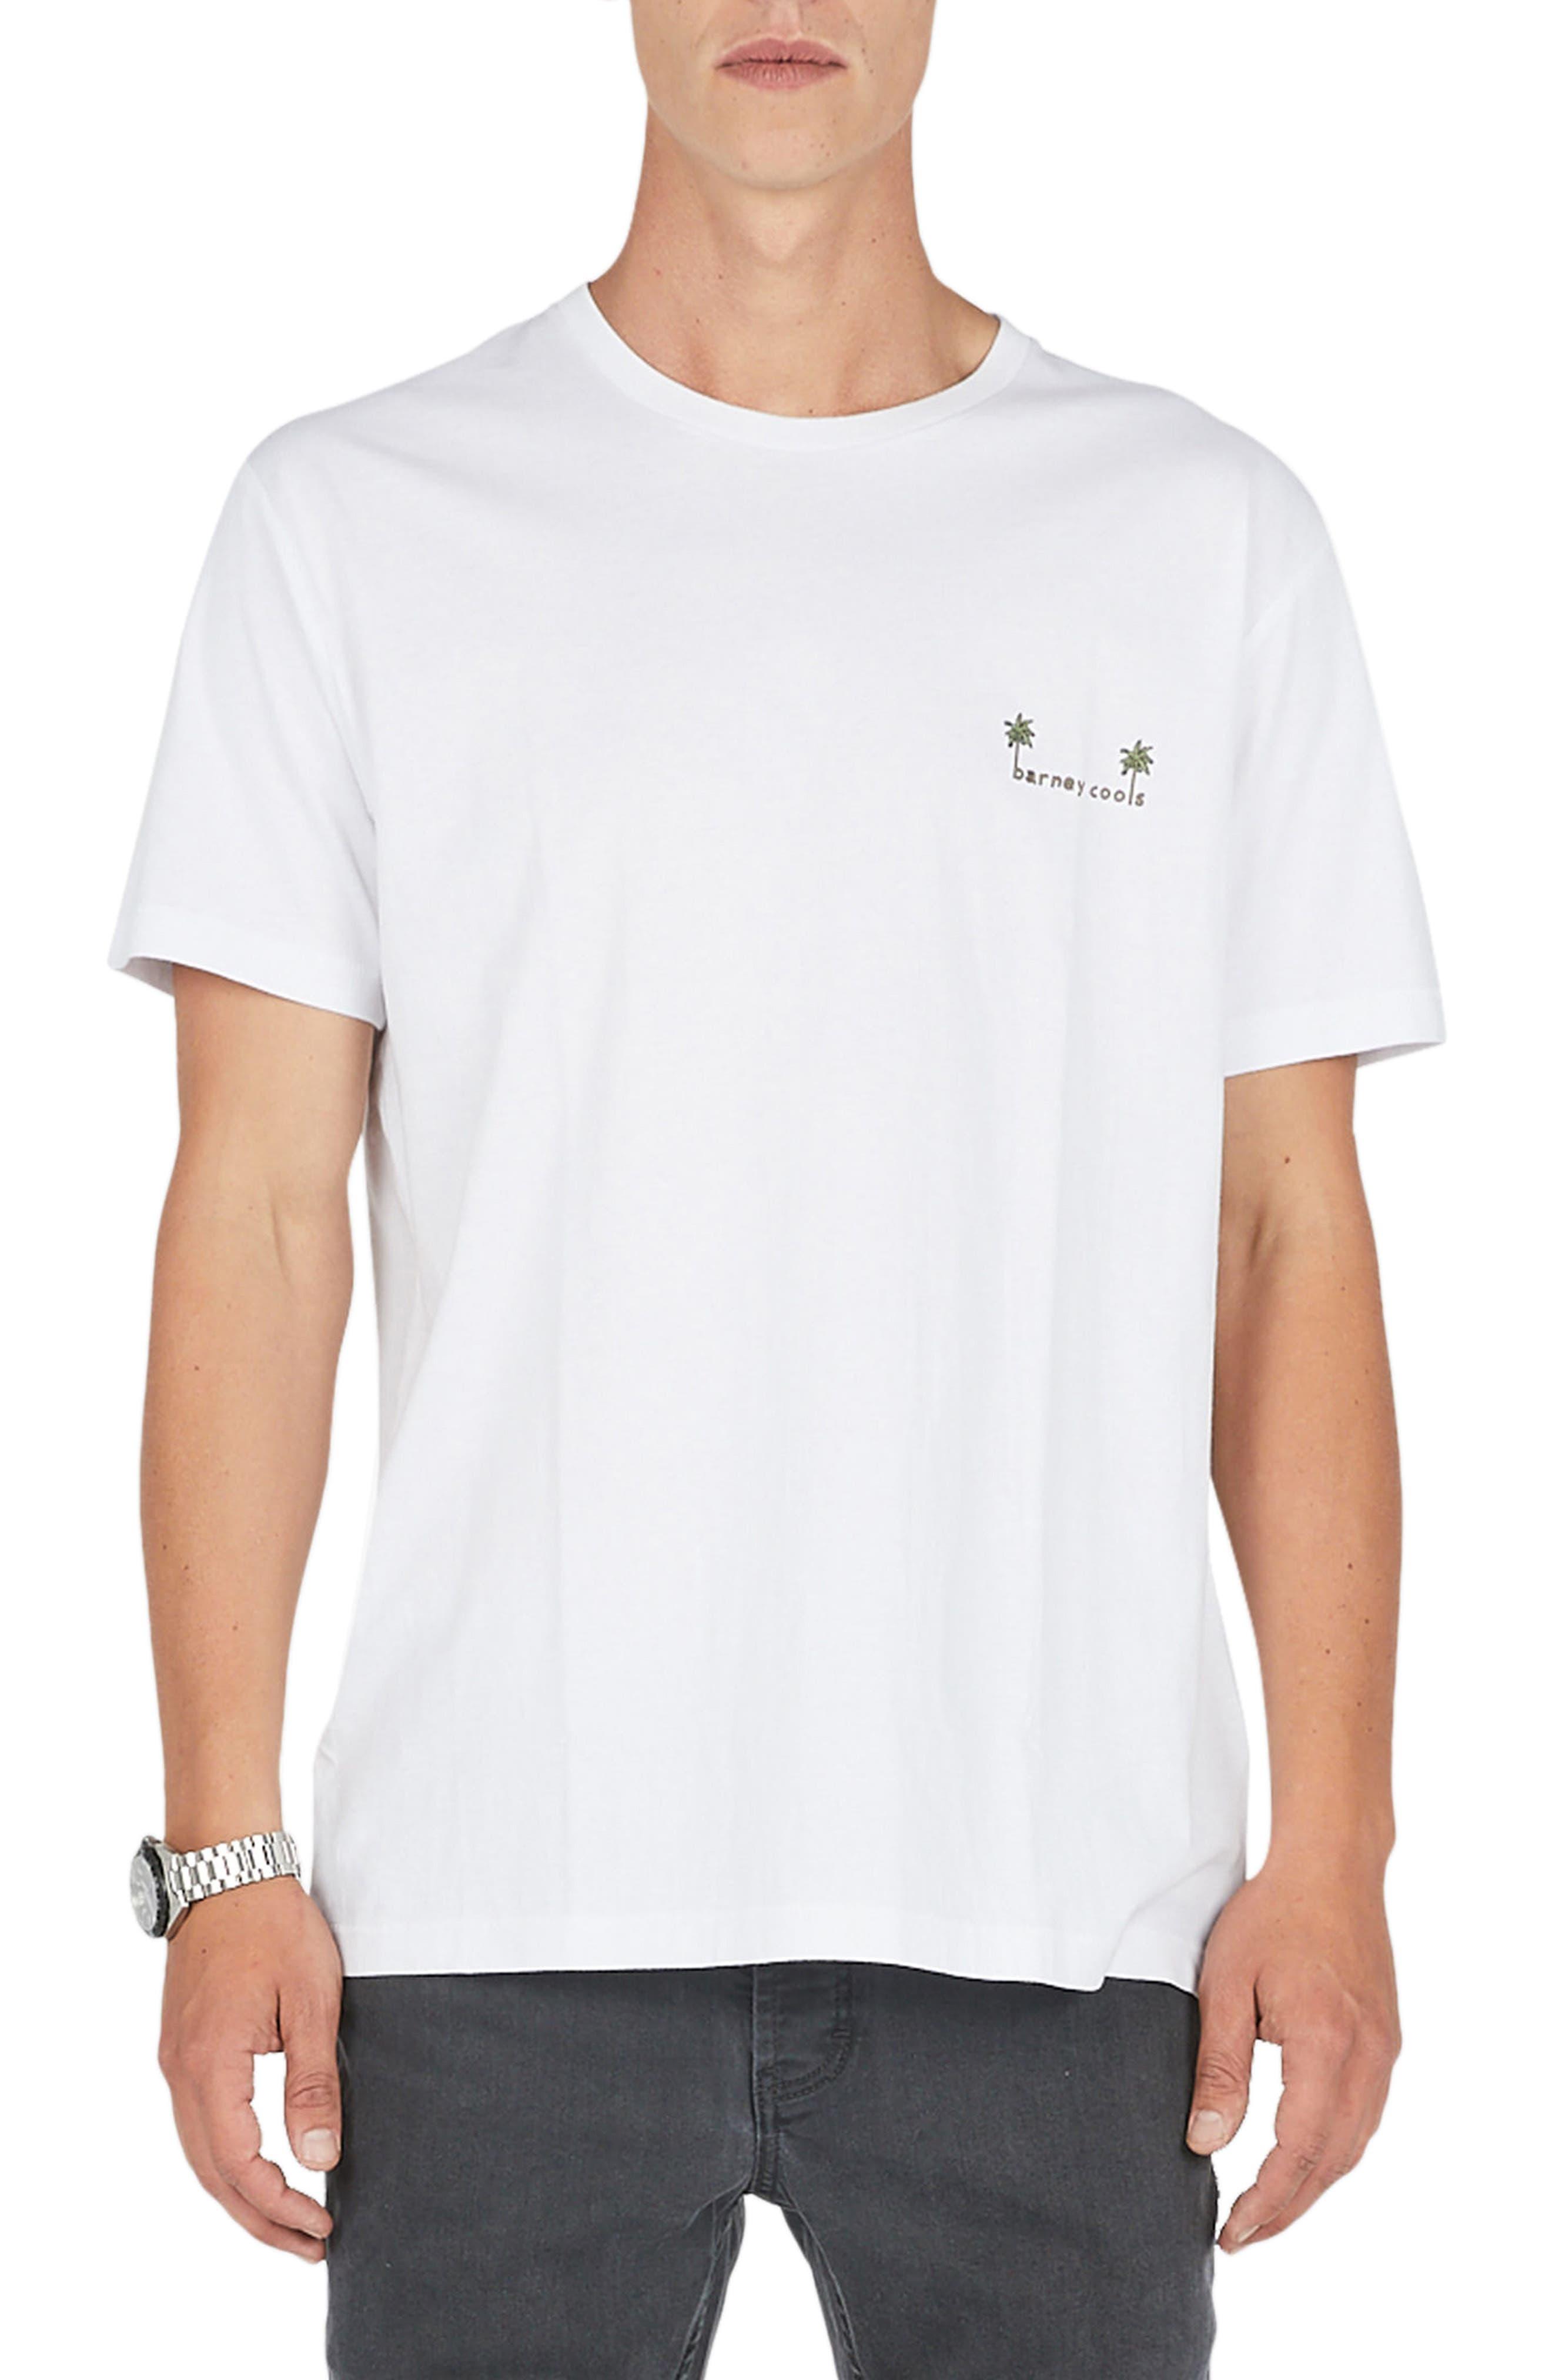 Life's Tough T-Shirt,                             Main thumbnail 1, color,                             White